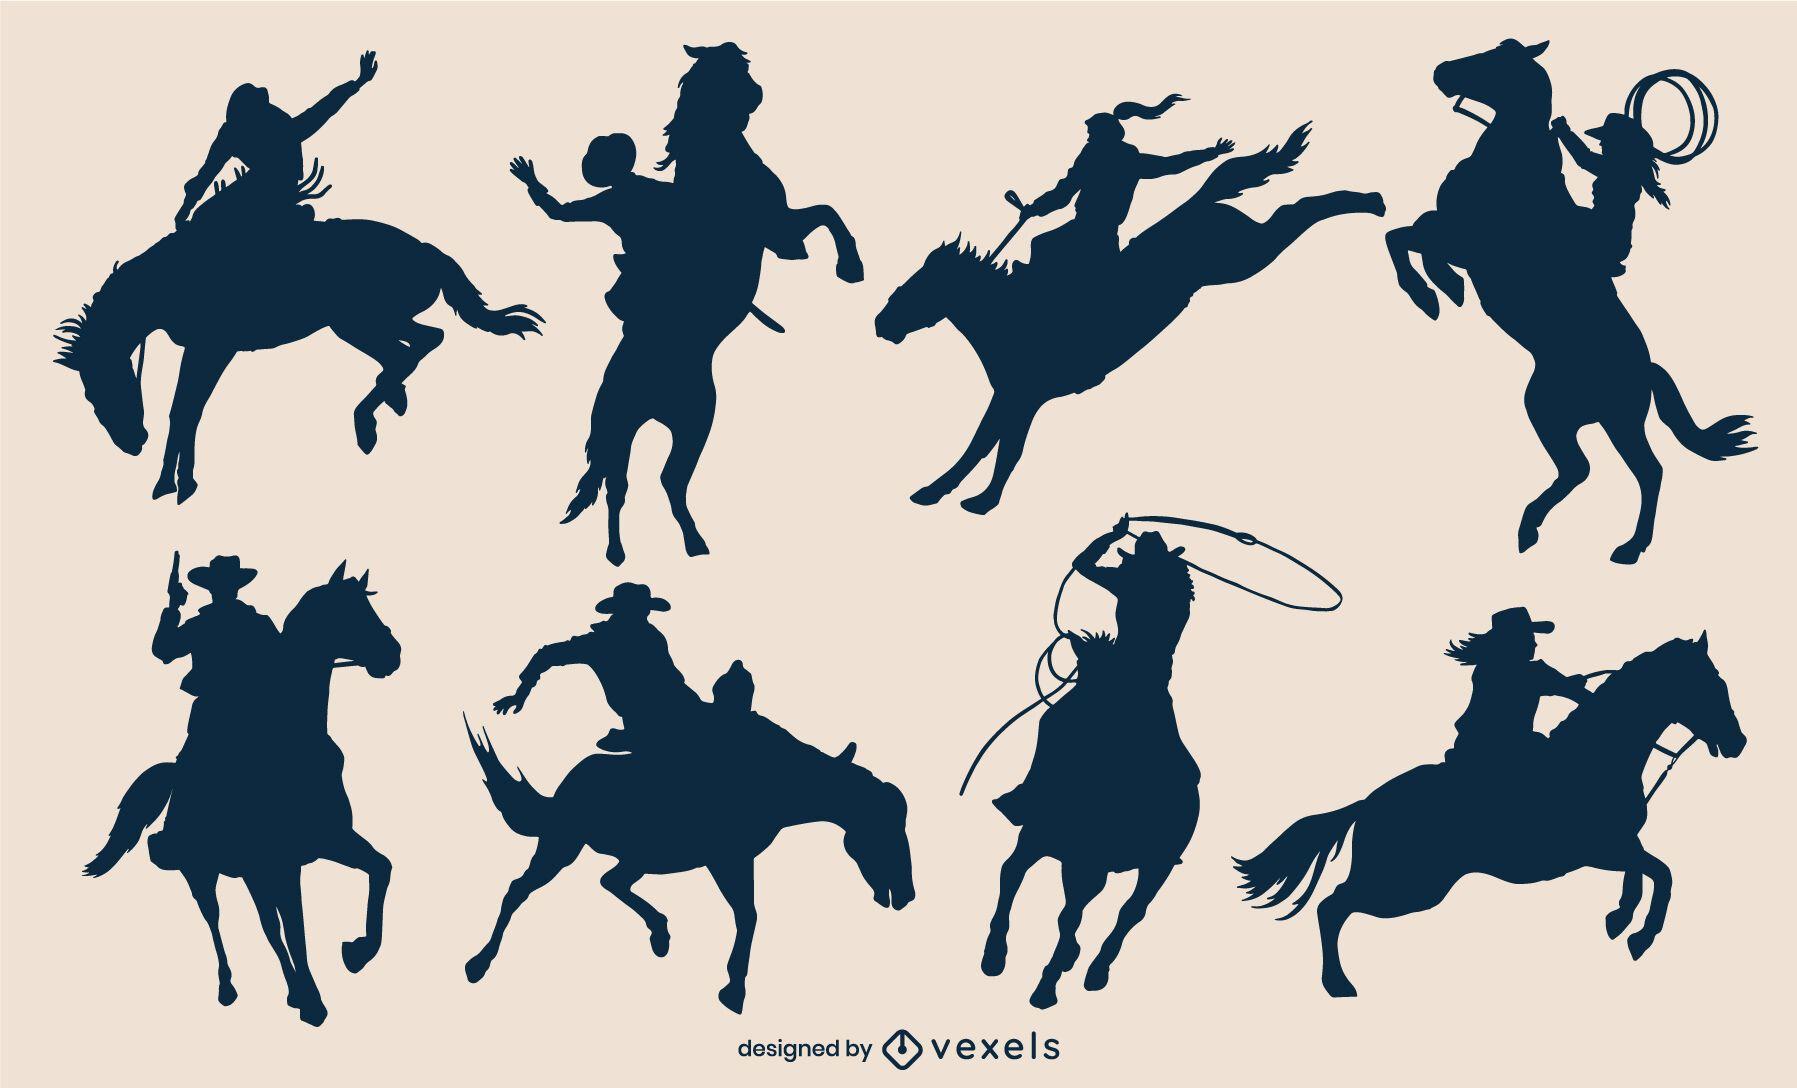 Movendo silhuetas de cowboys em cavalos